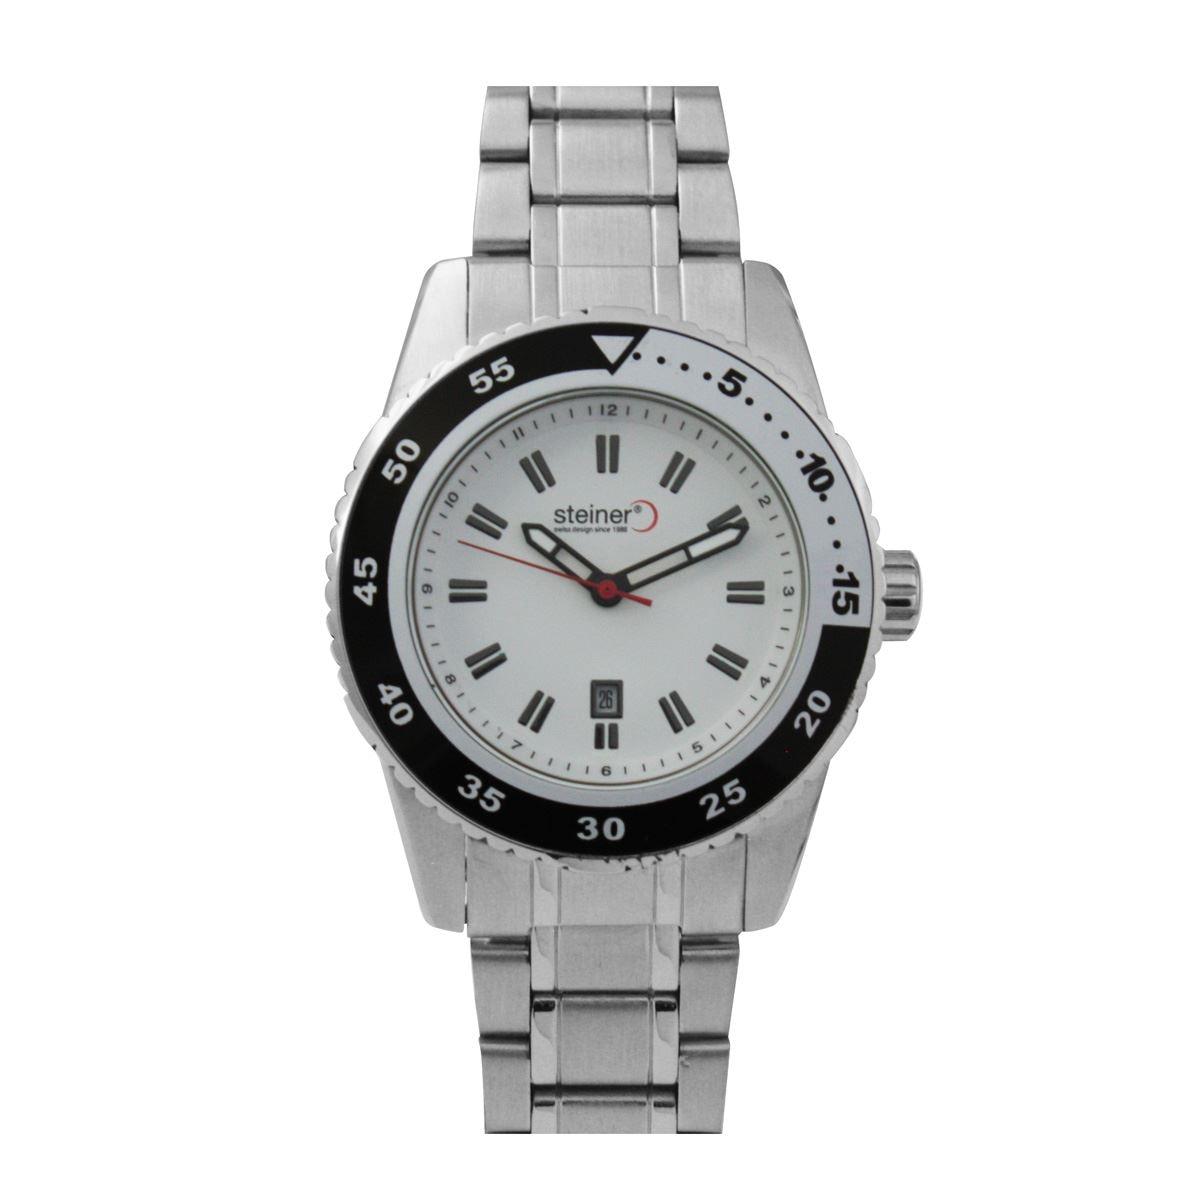 Reloj análogo steiner st22512d  - Sanborns